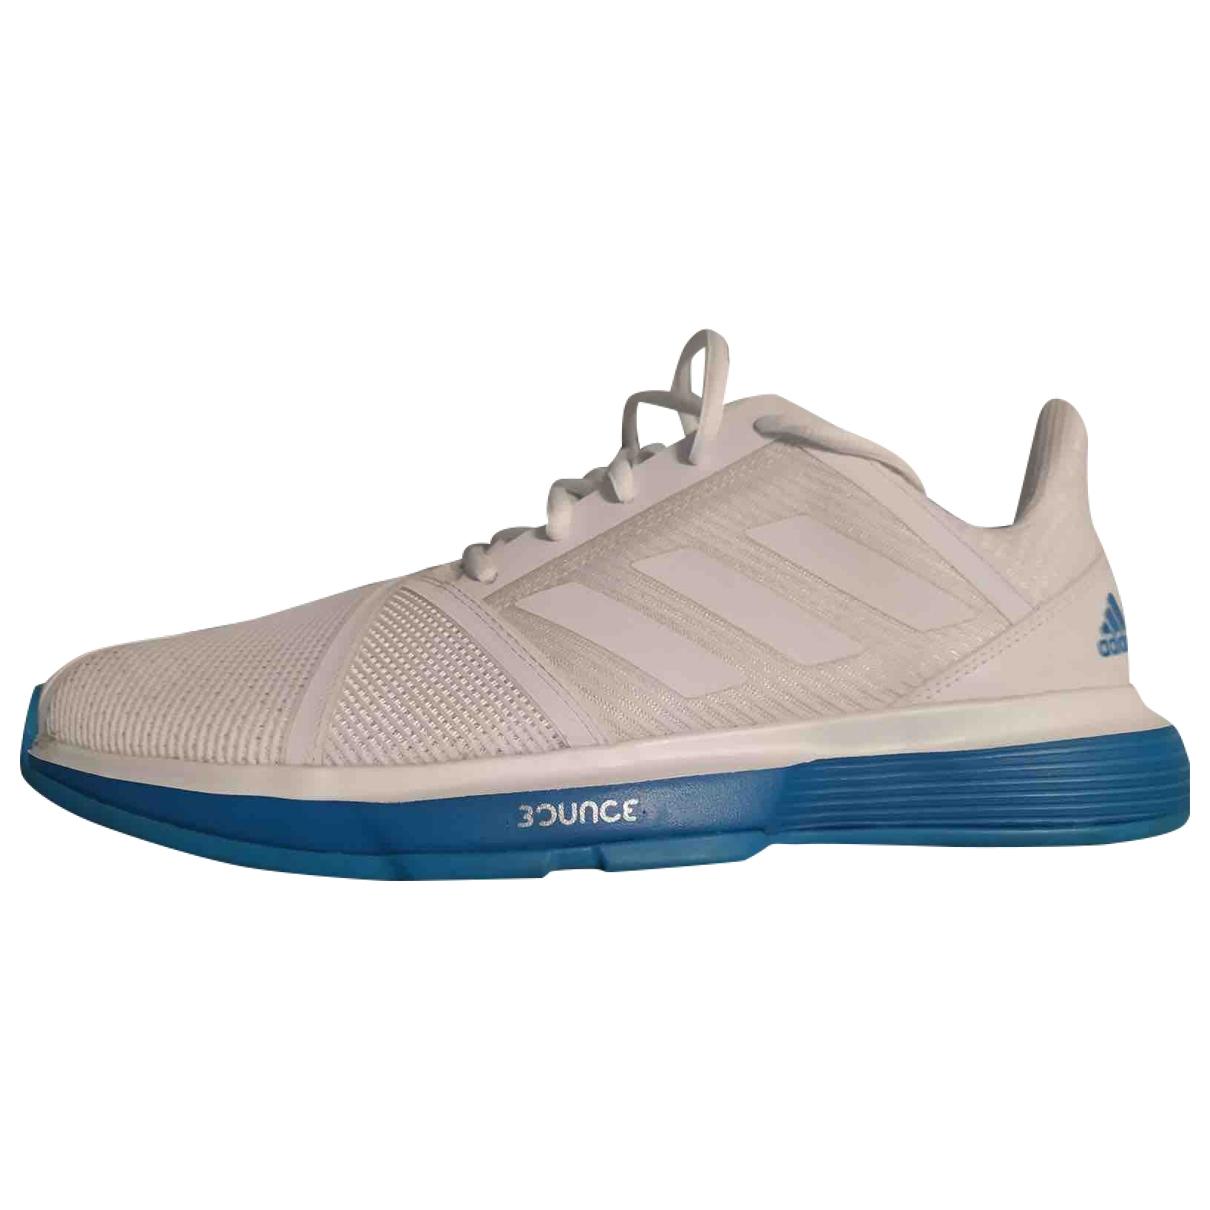 Adidas - Baskets   pour homme en toile - blanc